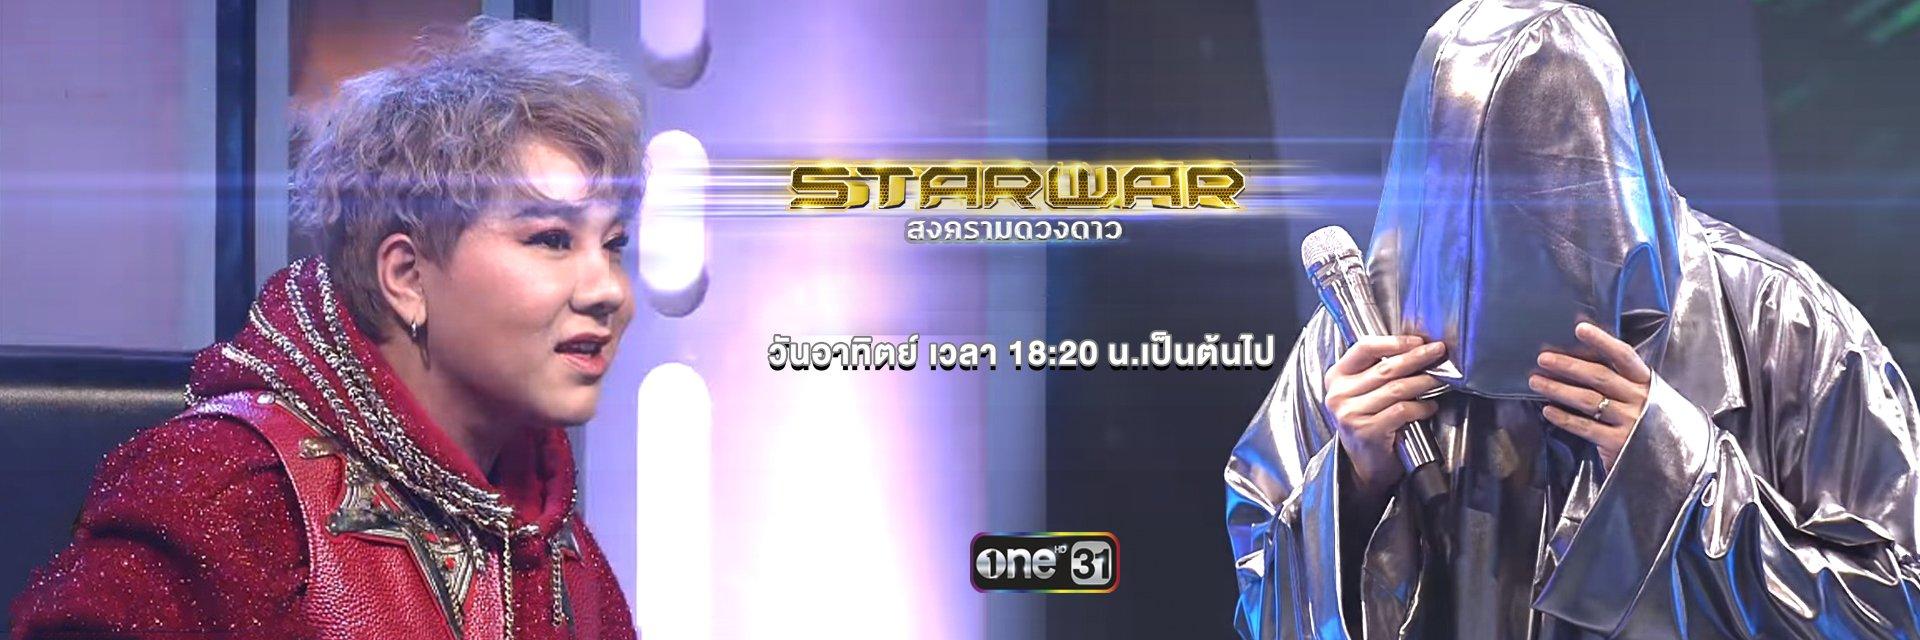 STARWAR